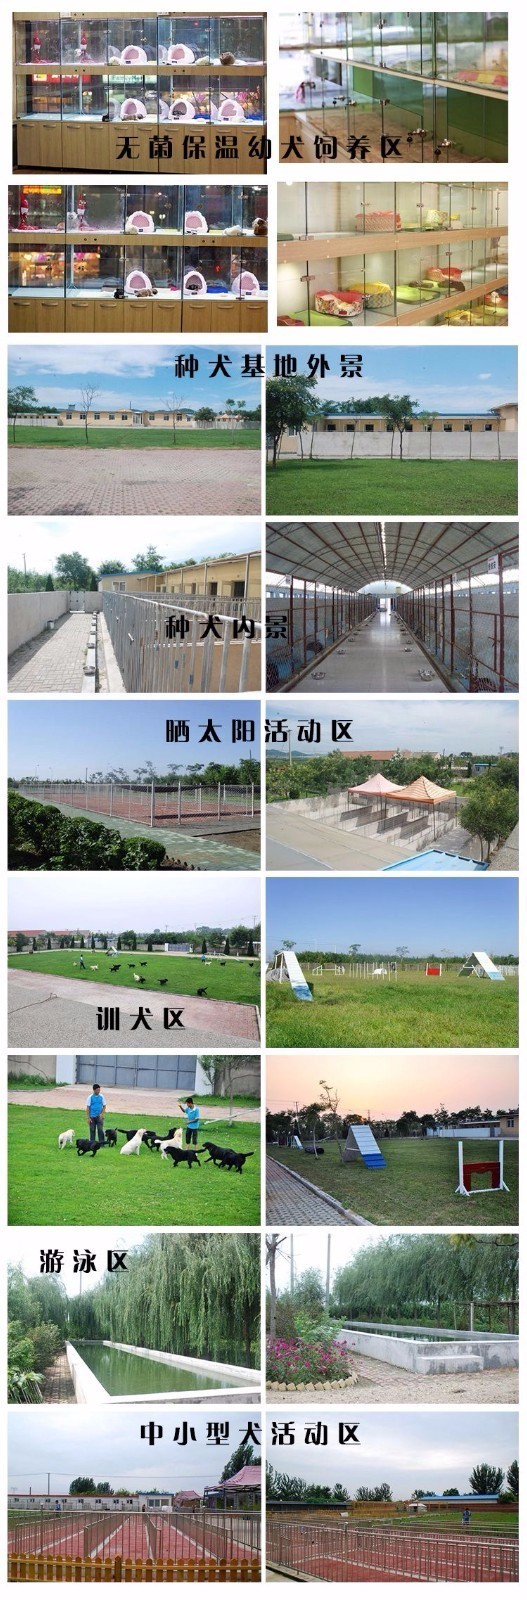 南京哪里出售古牧 古代牧羊犬出售 古牧照片10